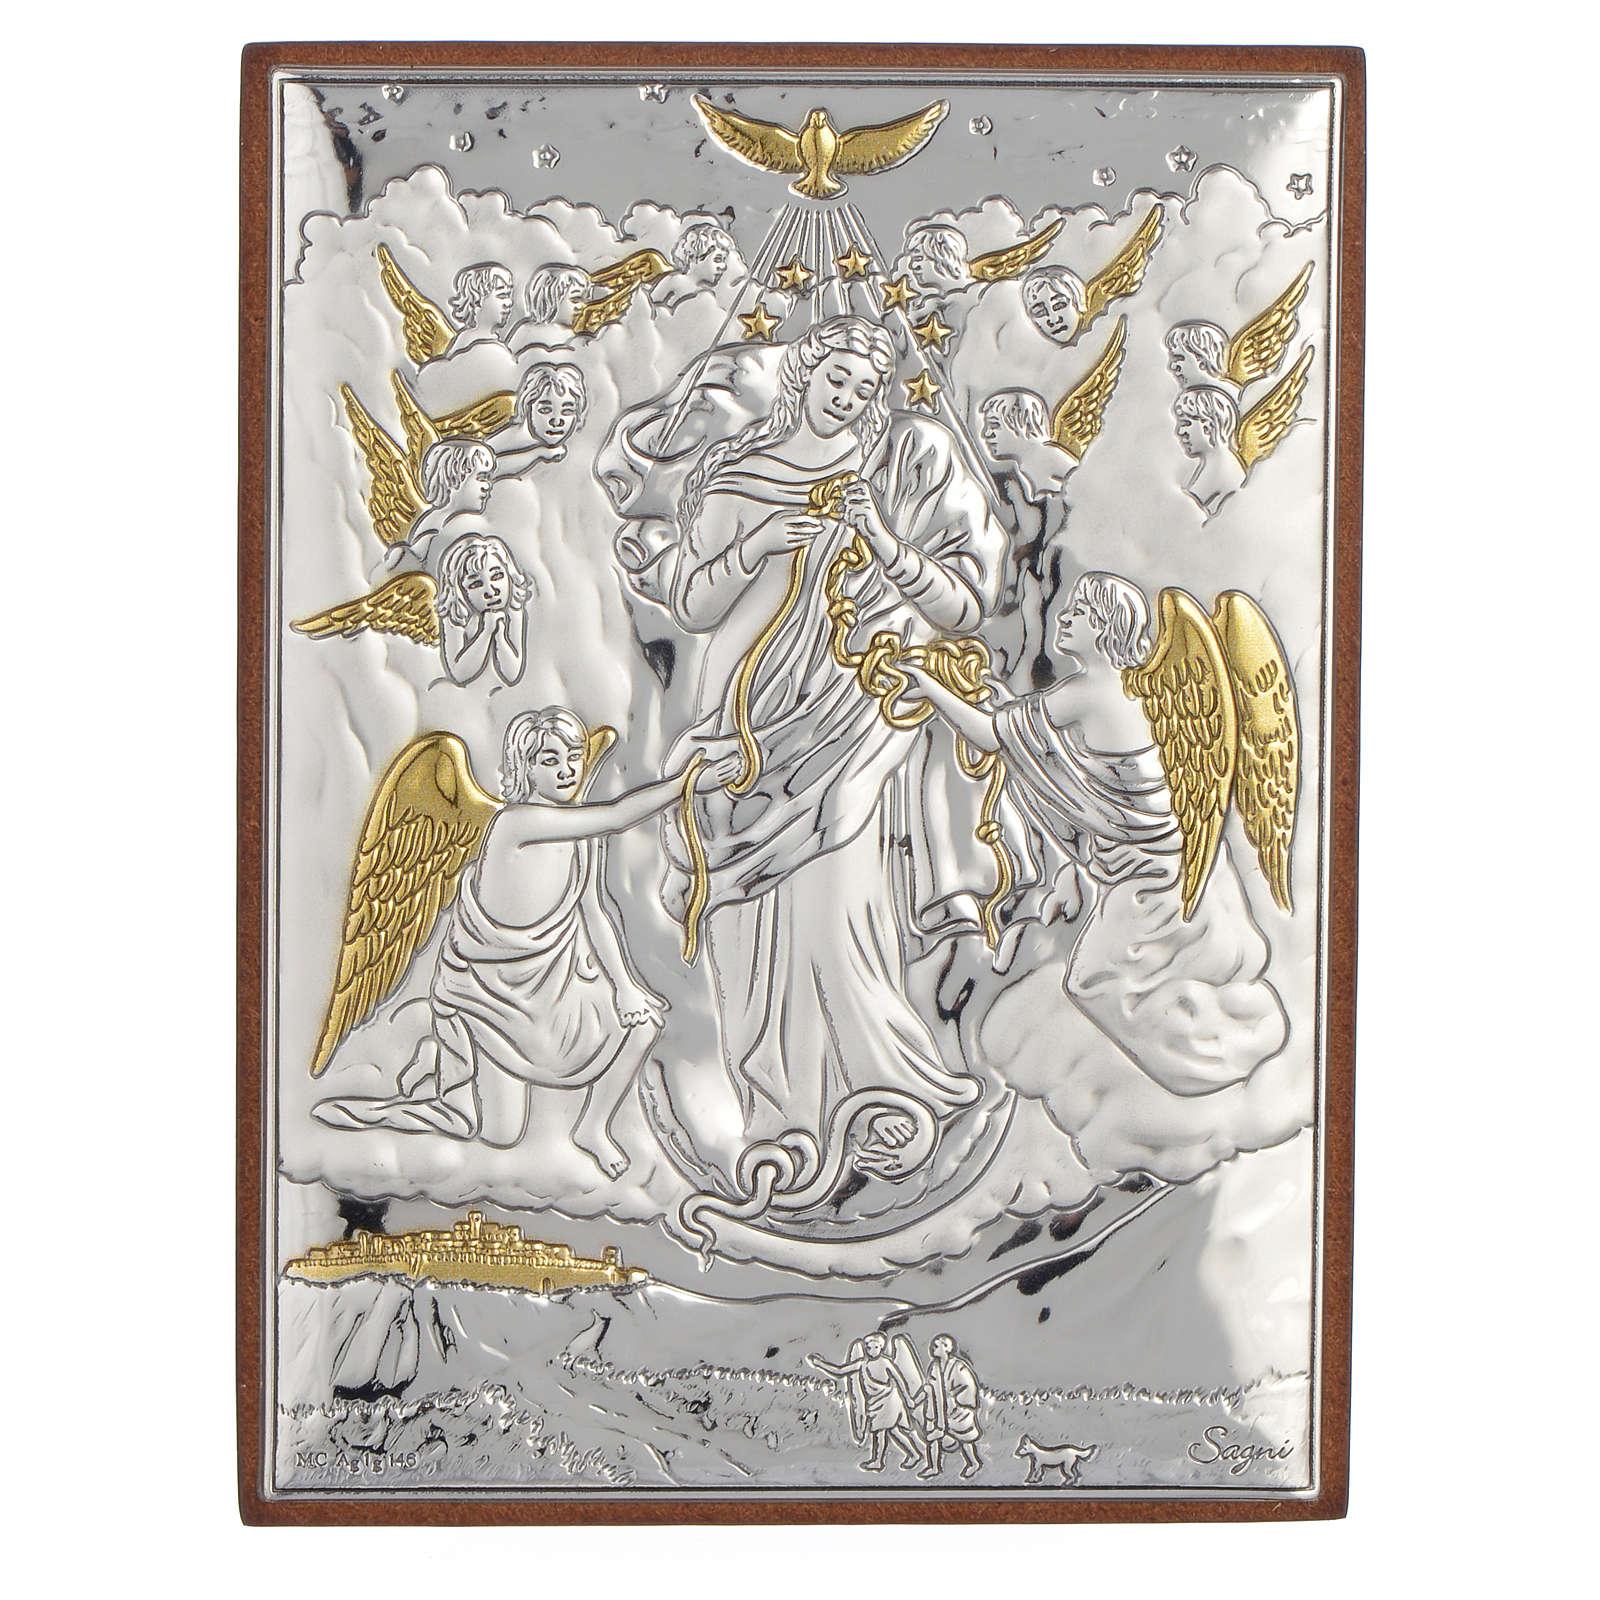 Obraz Maryja rozwiązująca węzły srebro pozłacane 8x11 4